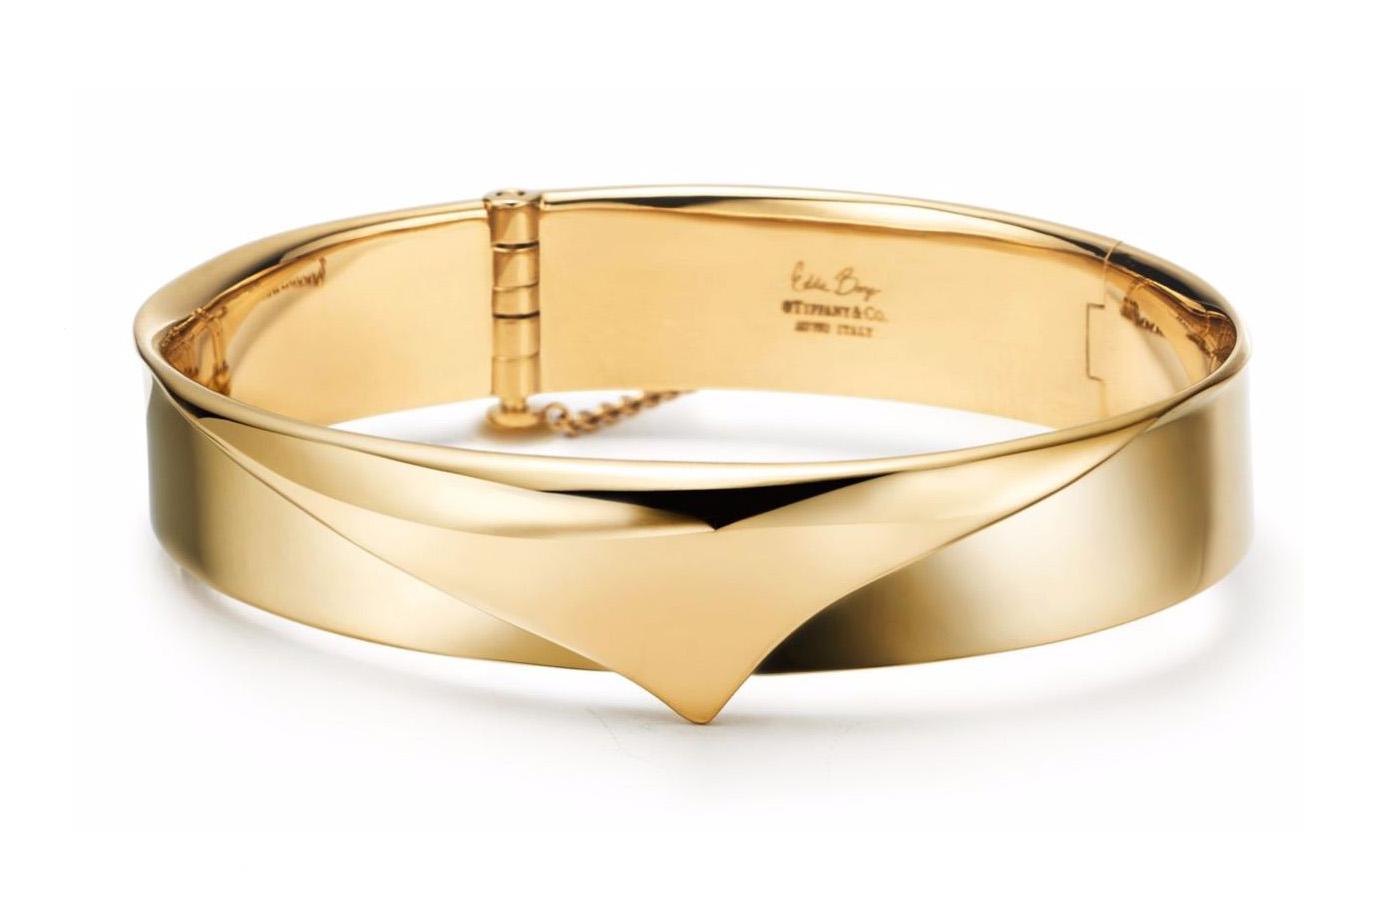 Модные ювелирные украшения 2018 и мода на золотые ювелирные украшения 16